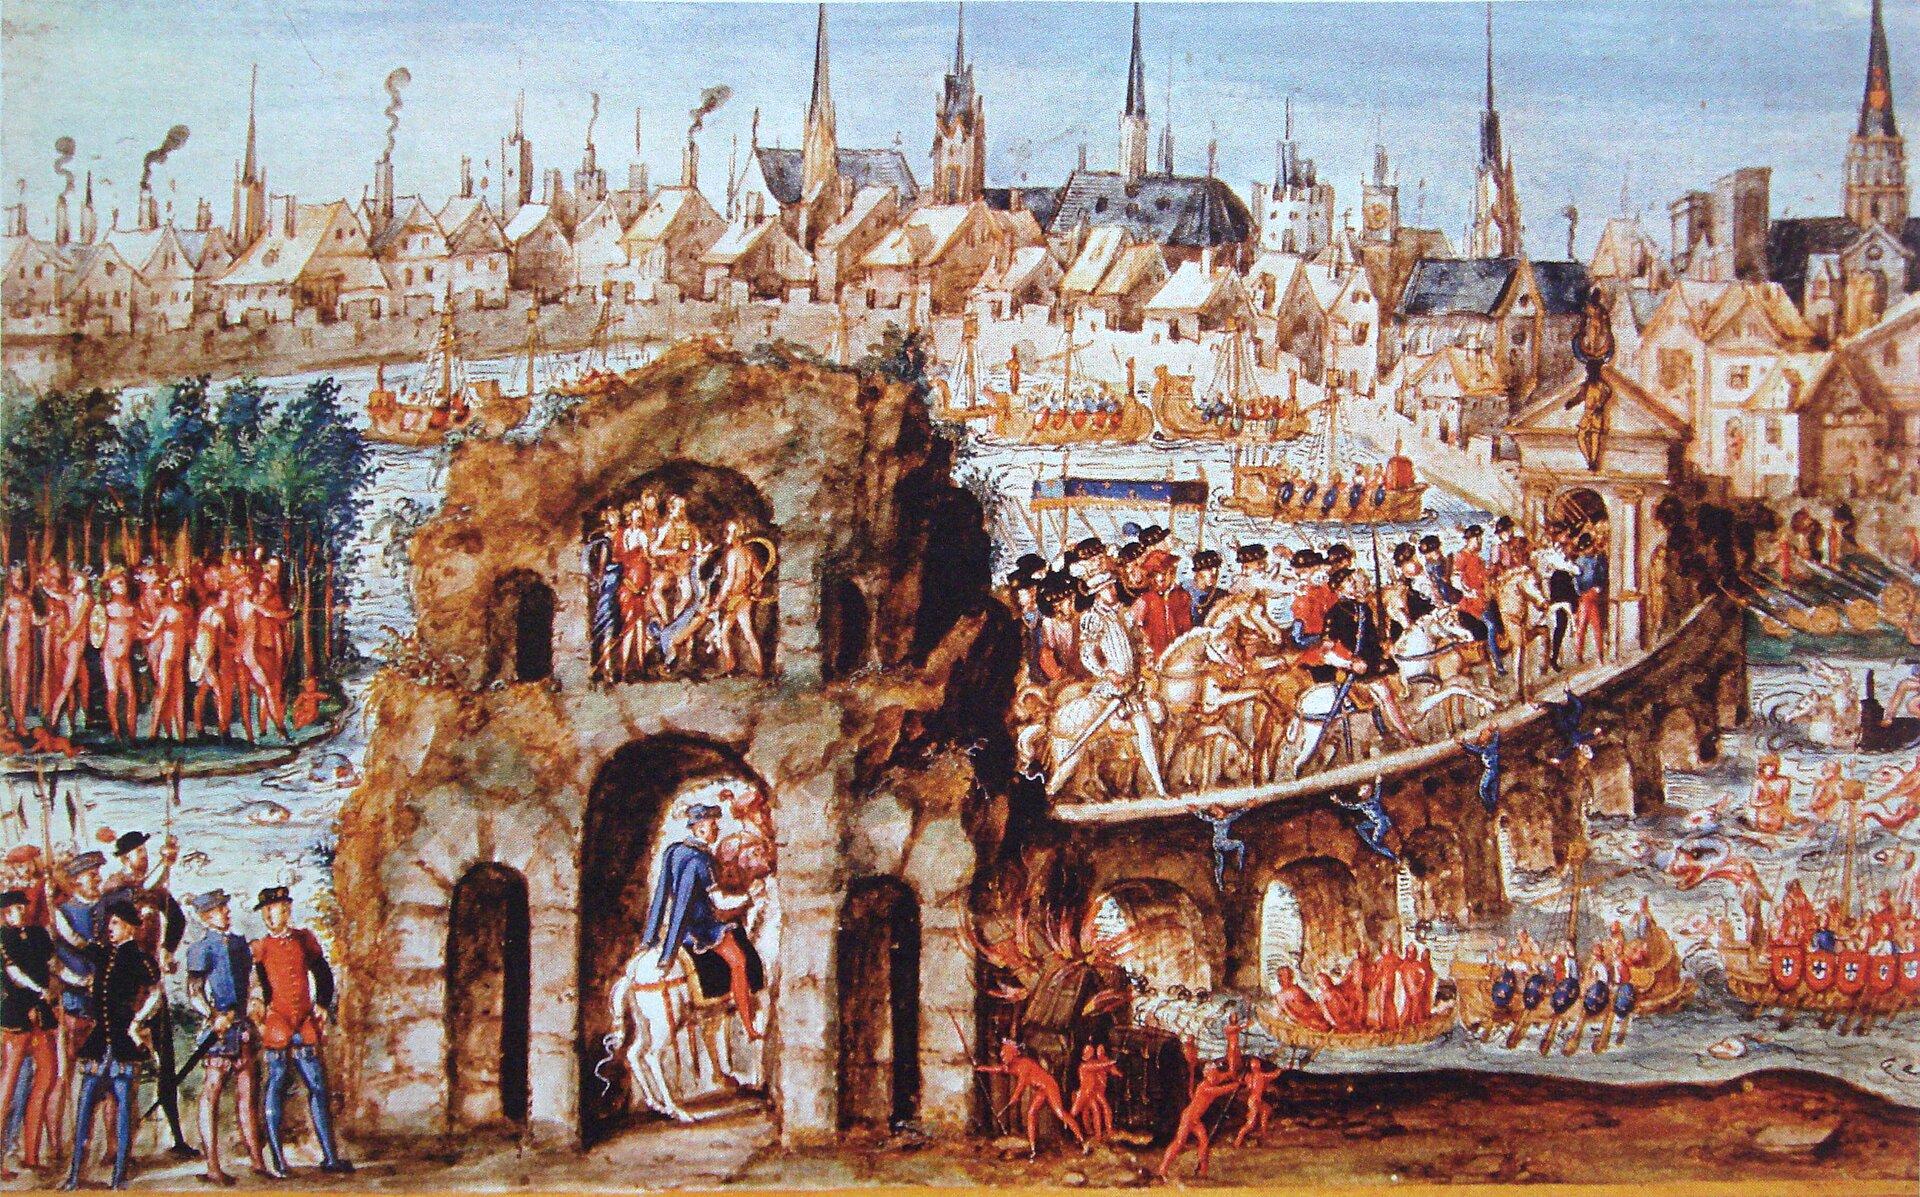 """Pobyt króla Henryka II wRouen w1550 r., tzw. """"bal brazylijski"""" -spektakl publiczny nawiązujący do tematyki odkryć geograficznych Pobyt króla Henryka II wRouen w1550 r., tzw. """"bal brazylijski"""" -spektakl publiczny nawiązujący do tematyki odkryć geograficznych Źródło: 1550, domena publiczna."""